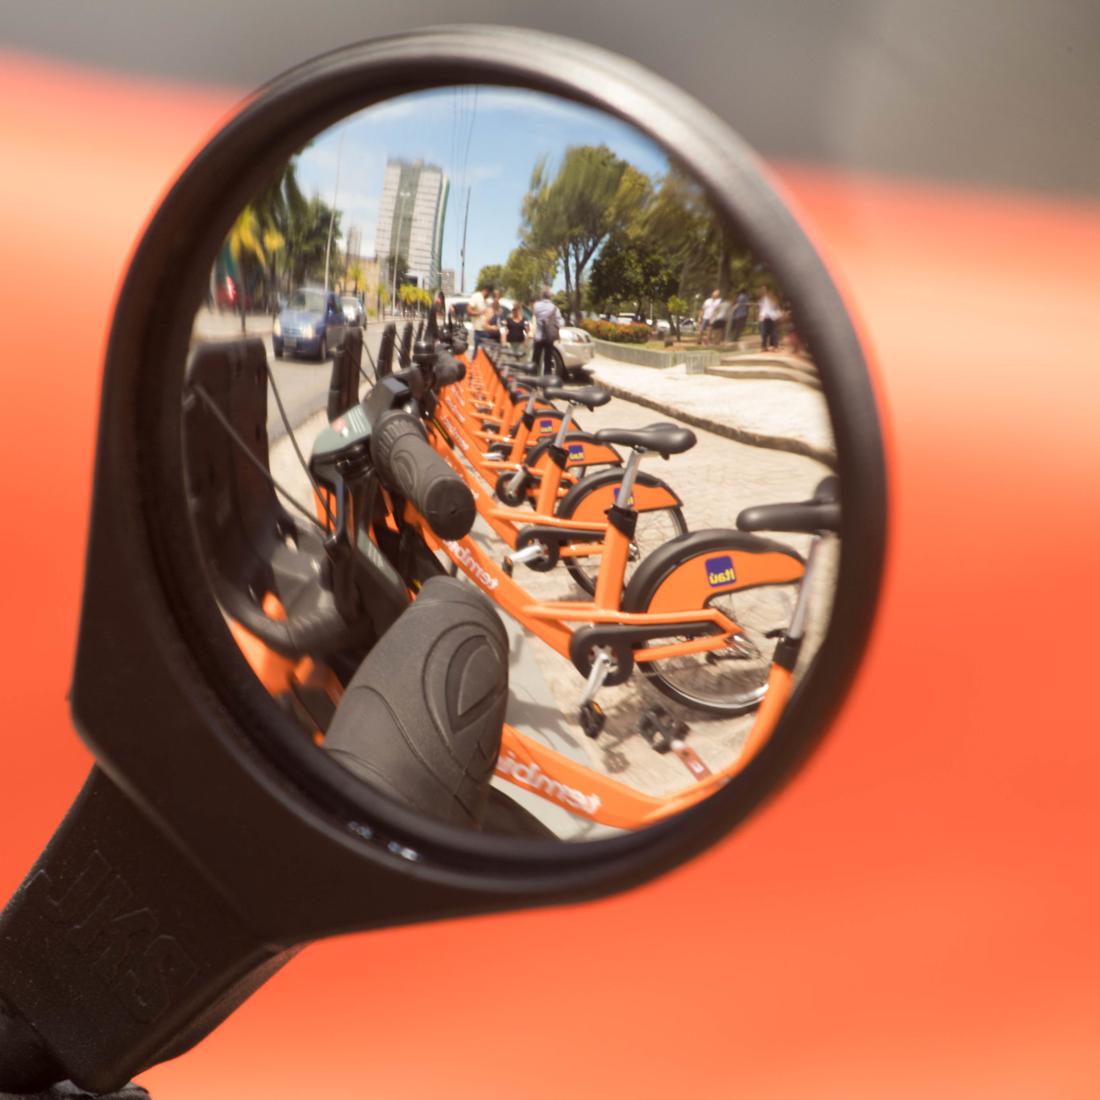 Bicicletas do Bike PE